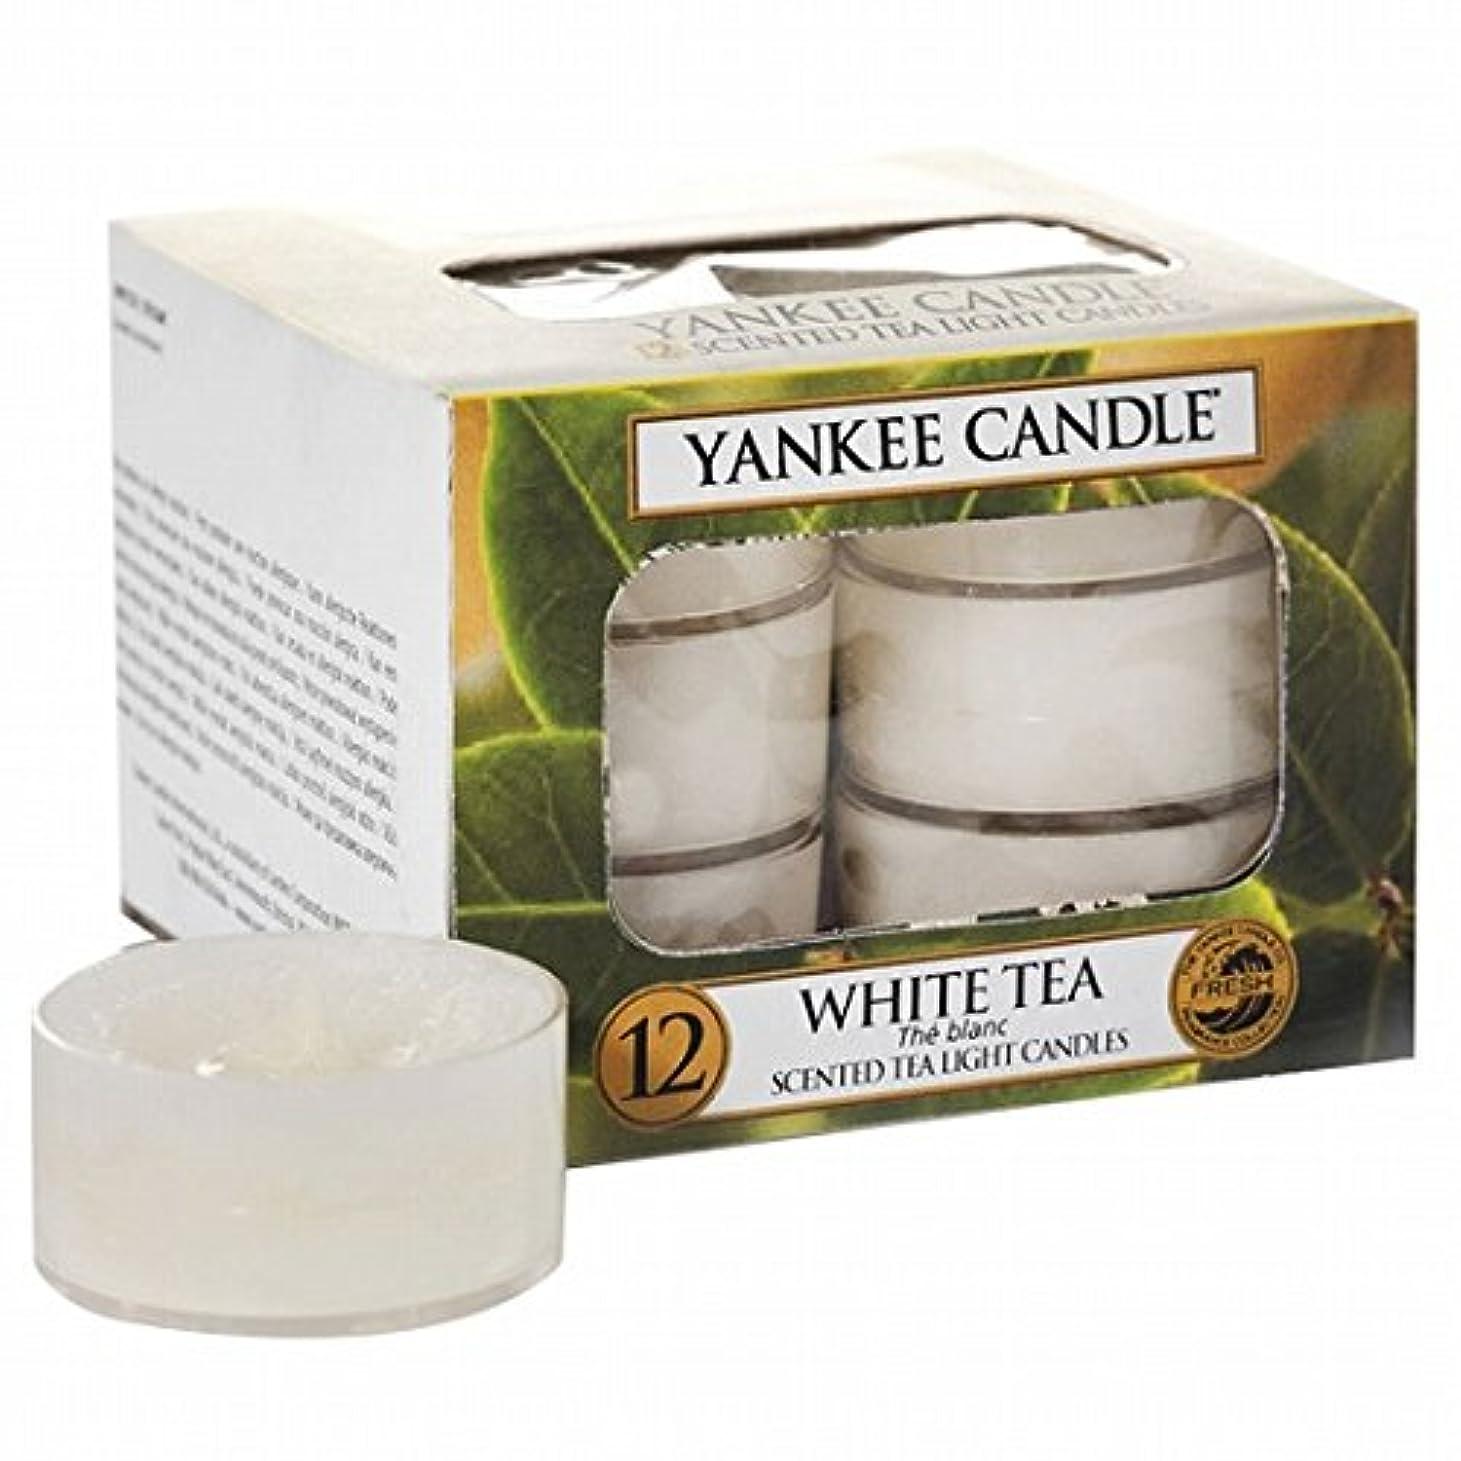 不一致夏浪費YANKEE CANDLE(ヤンキーキャンドル) YANKEE CANDLE クリアカップティーライト12個入り 「ホワイトティー」(K00505277)